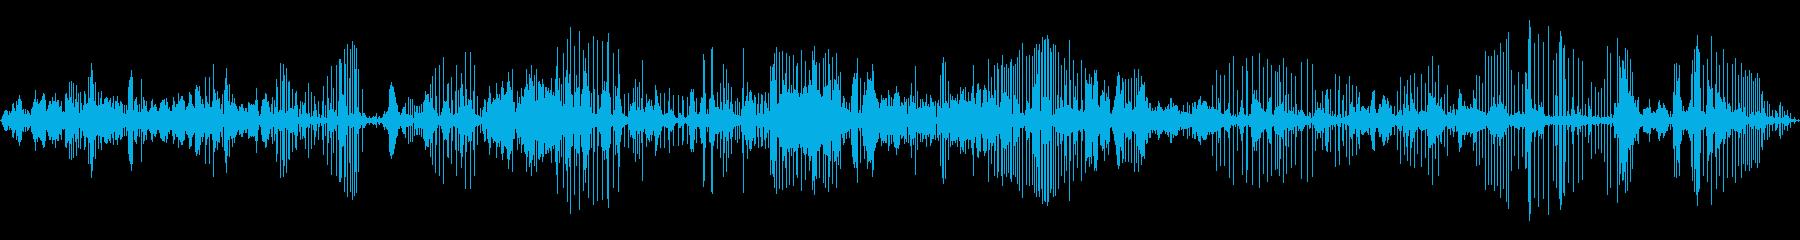 キラークジラ:水中コミュニケーショ...の再生済みの波形